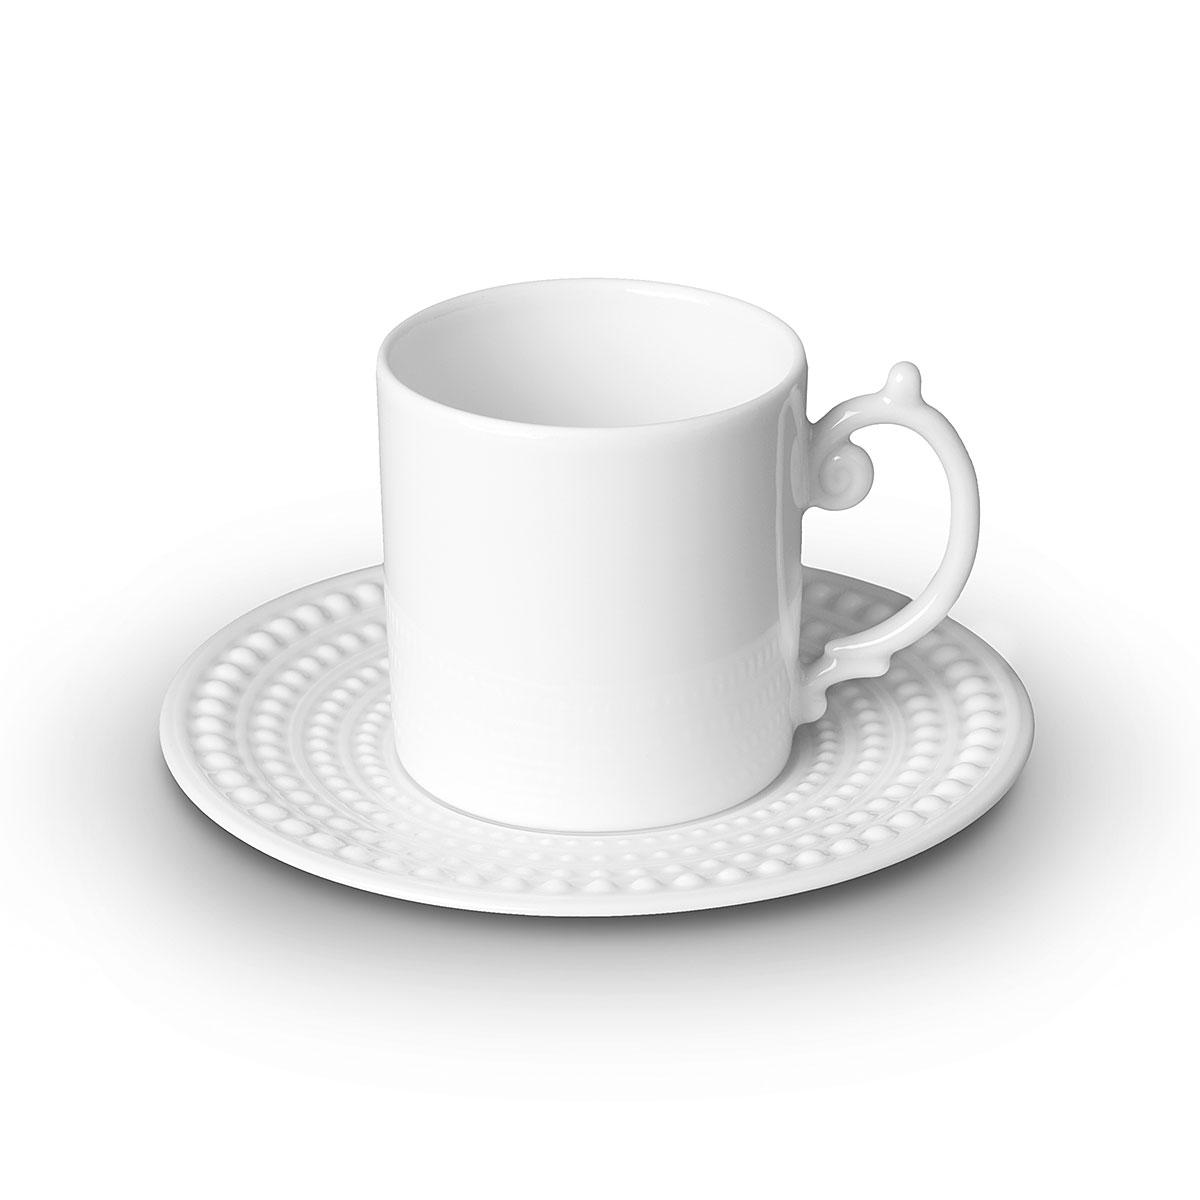 L'Objet I Perlée Espresso Cup + Saucer White